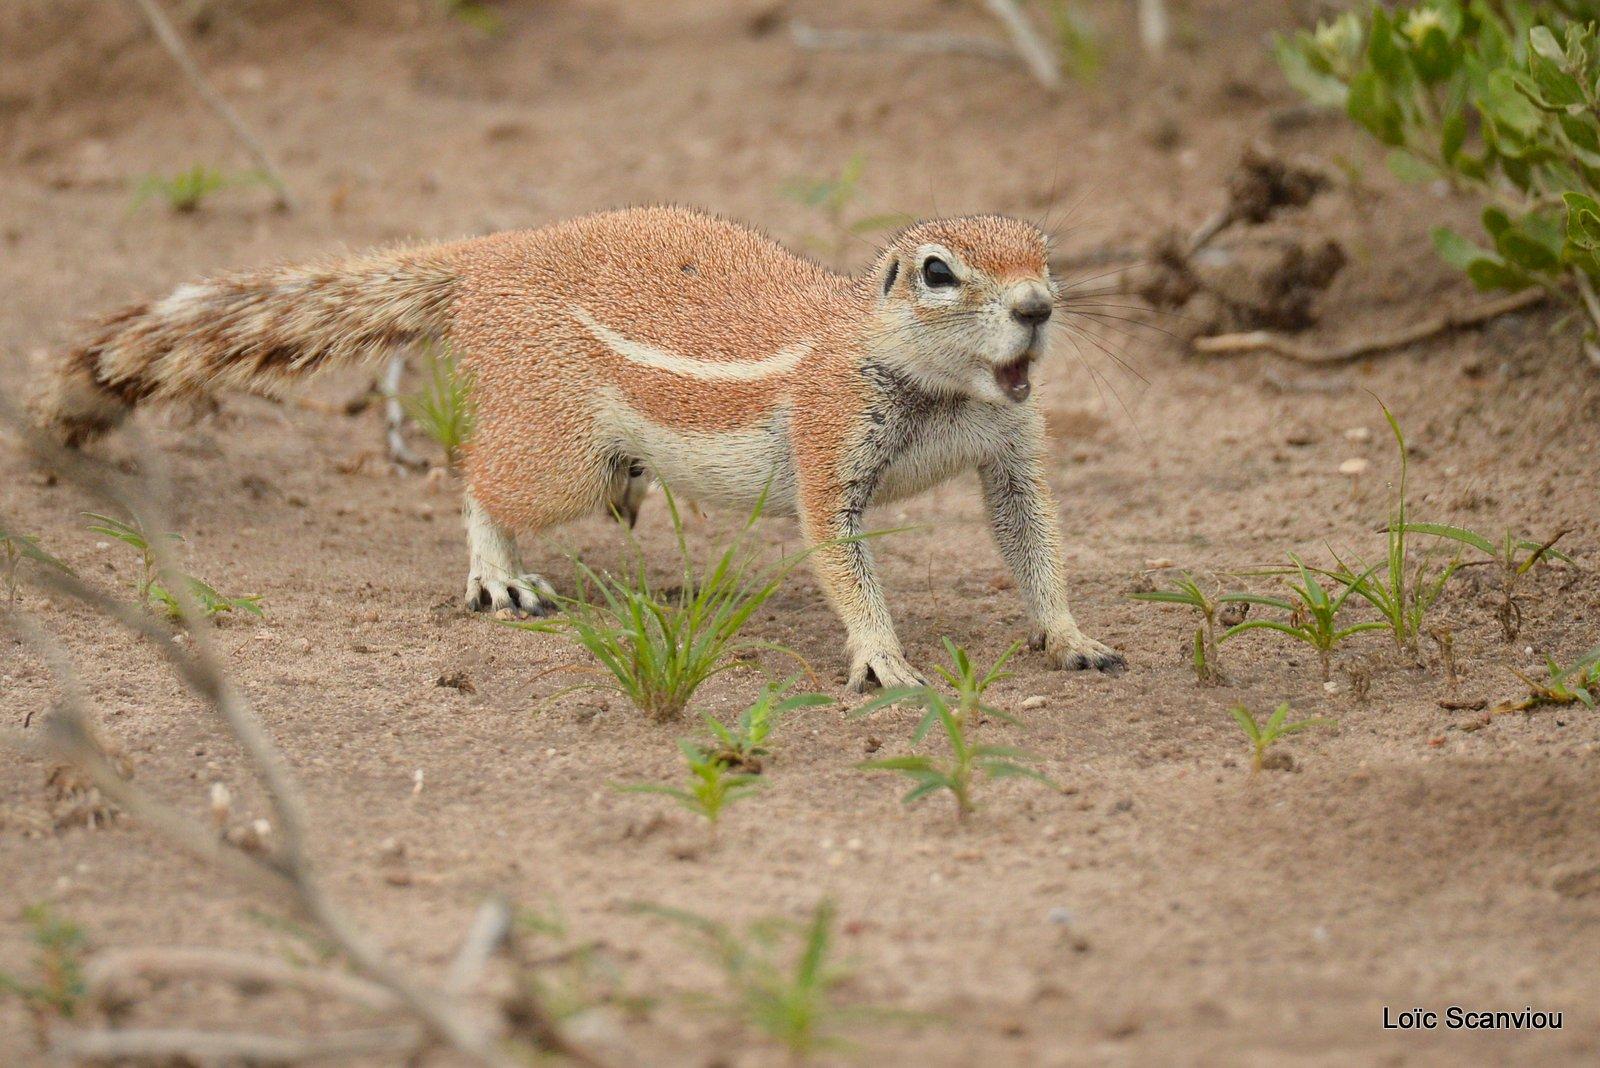 Écureuil terrestre du Cap/Cape Ground Squirrel (5)